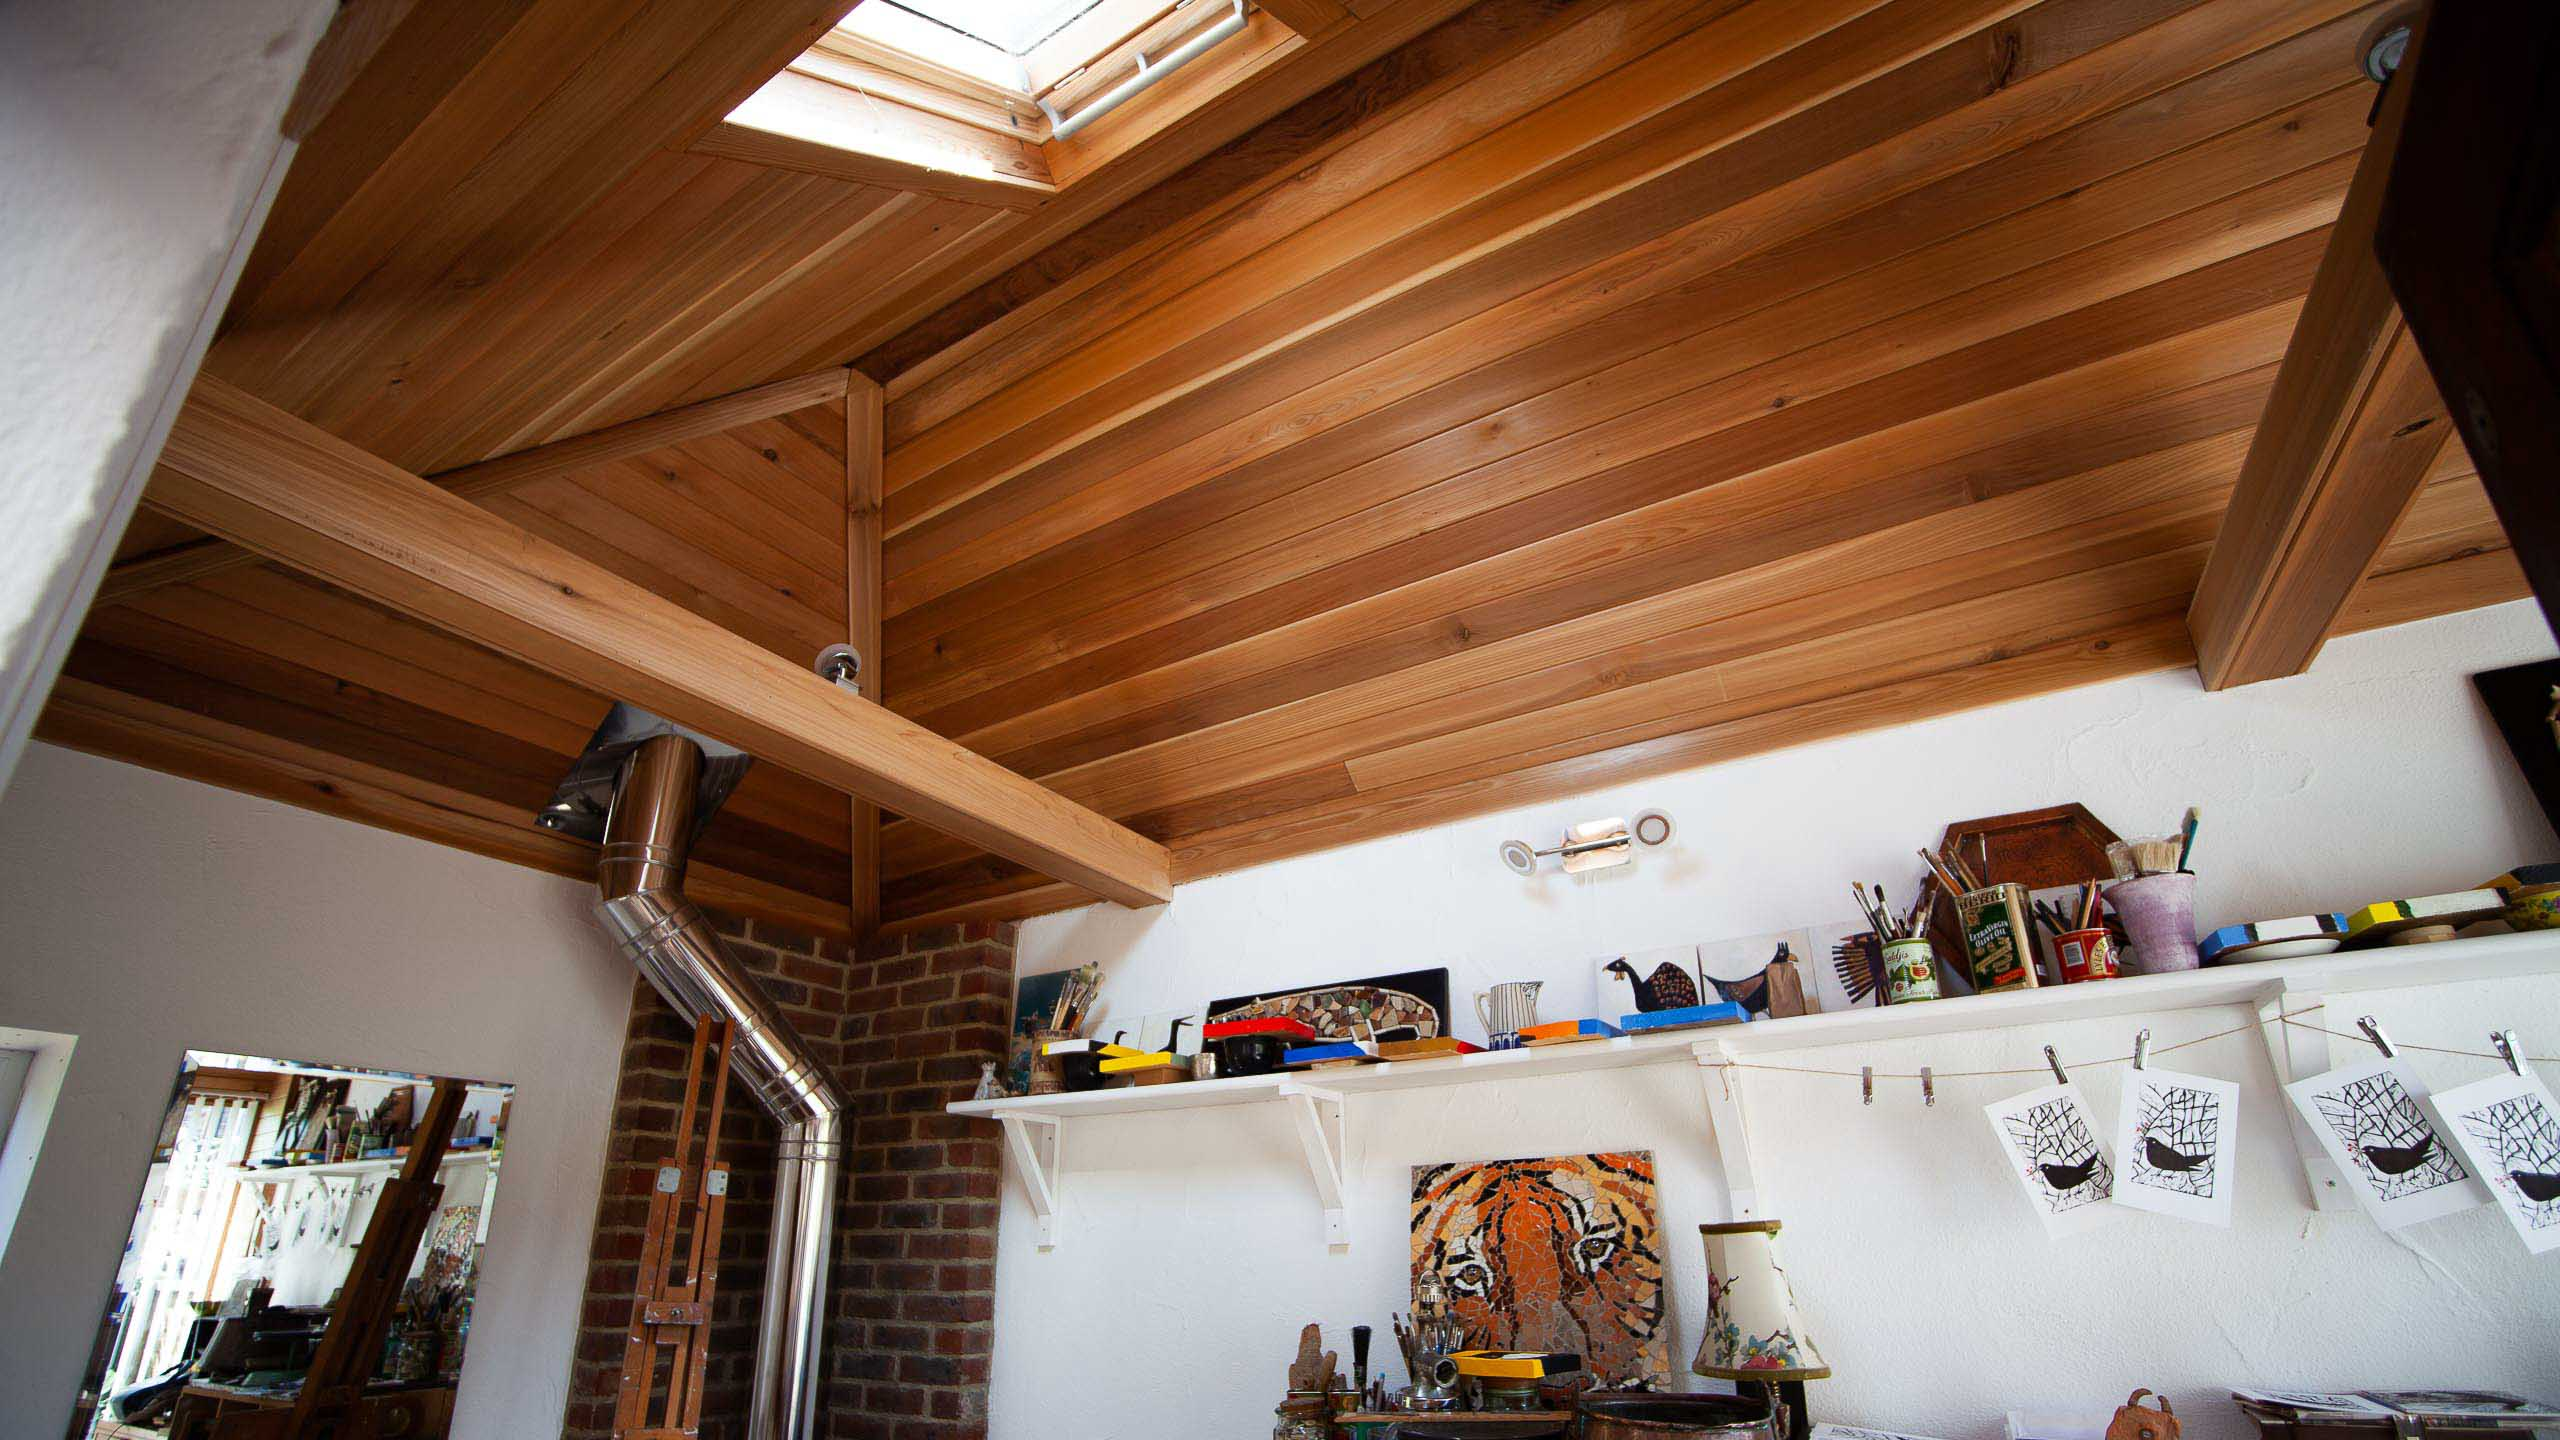 Garden room studio with sky light - building work by RJ Steeles builder in Sussex